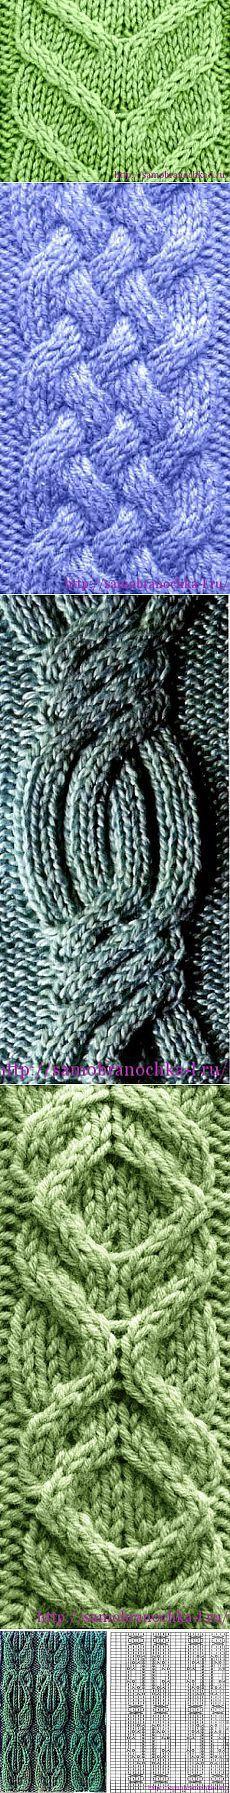 Рельефные узоры спицами | САМОБРАНОЧКА - сайт для рукодельниц, мастериц